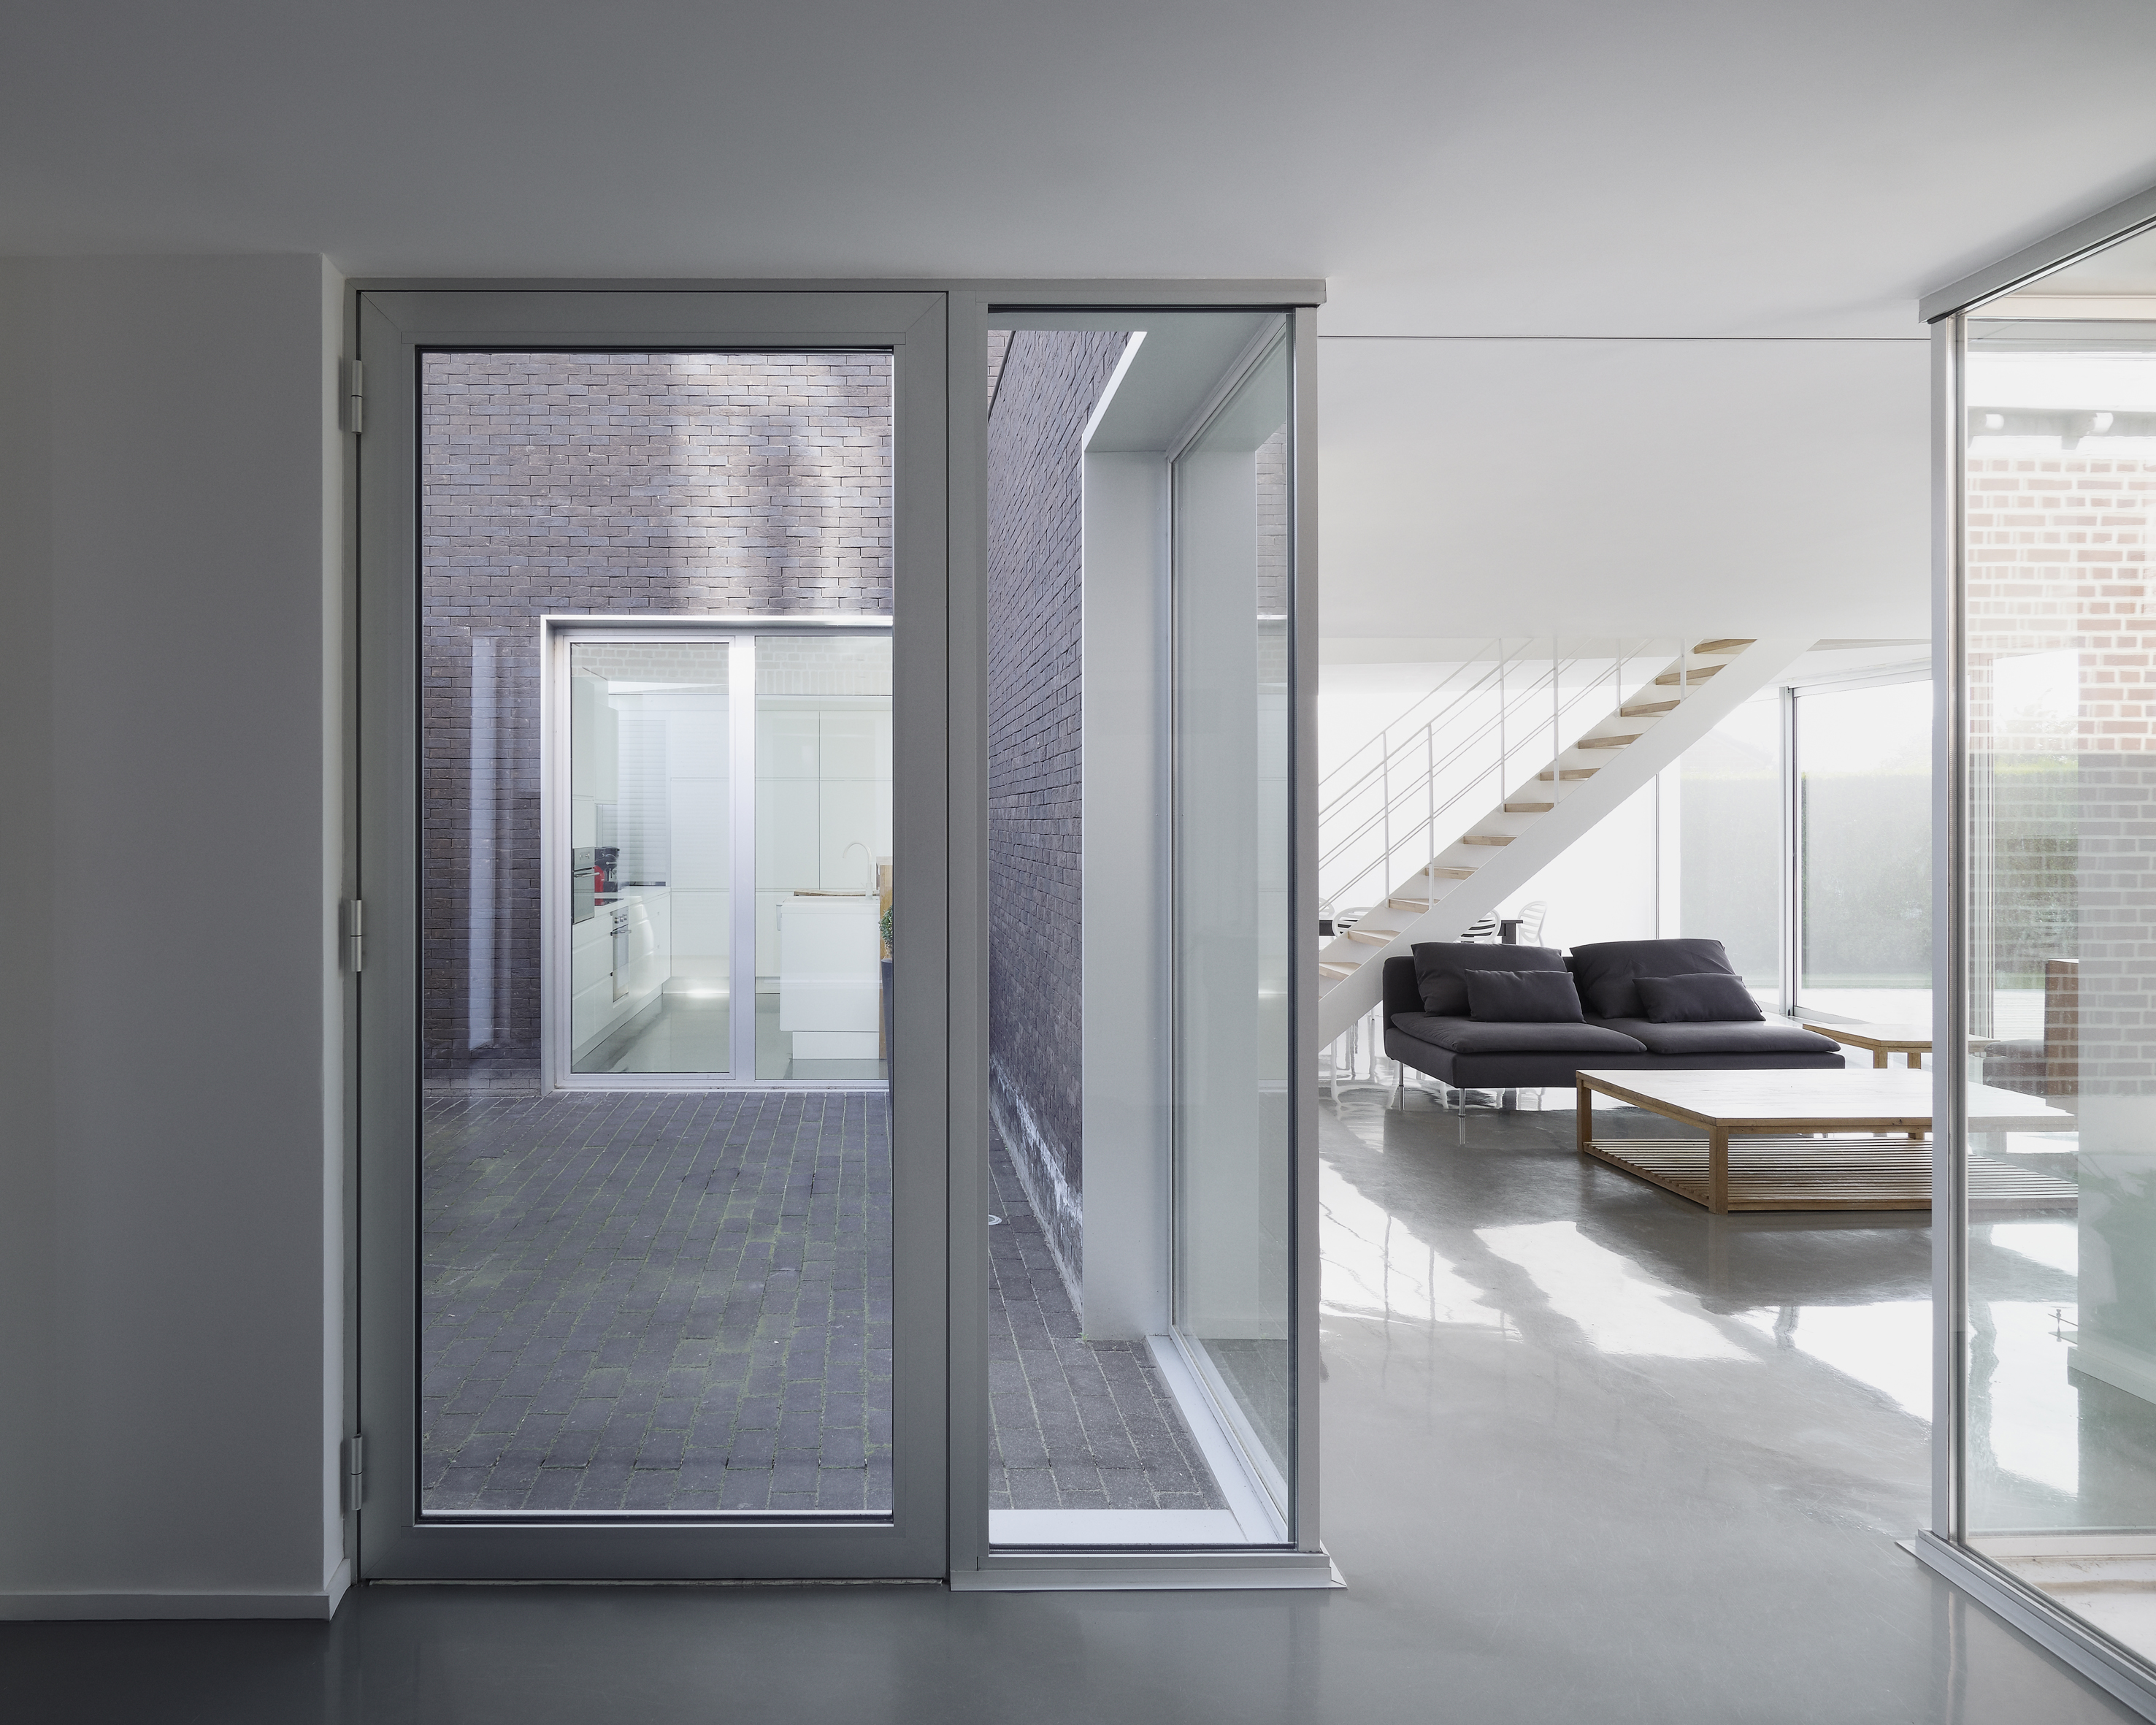 Porte fen tre aluminium technal - Porte fenetre alu ...